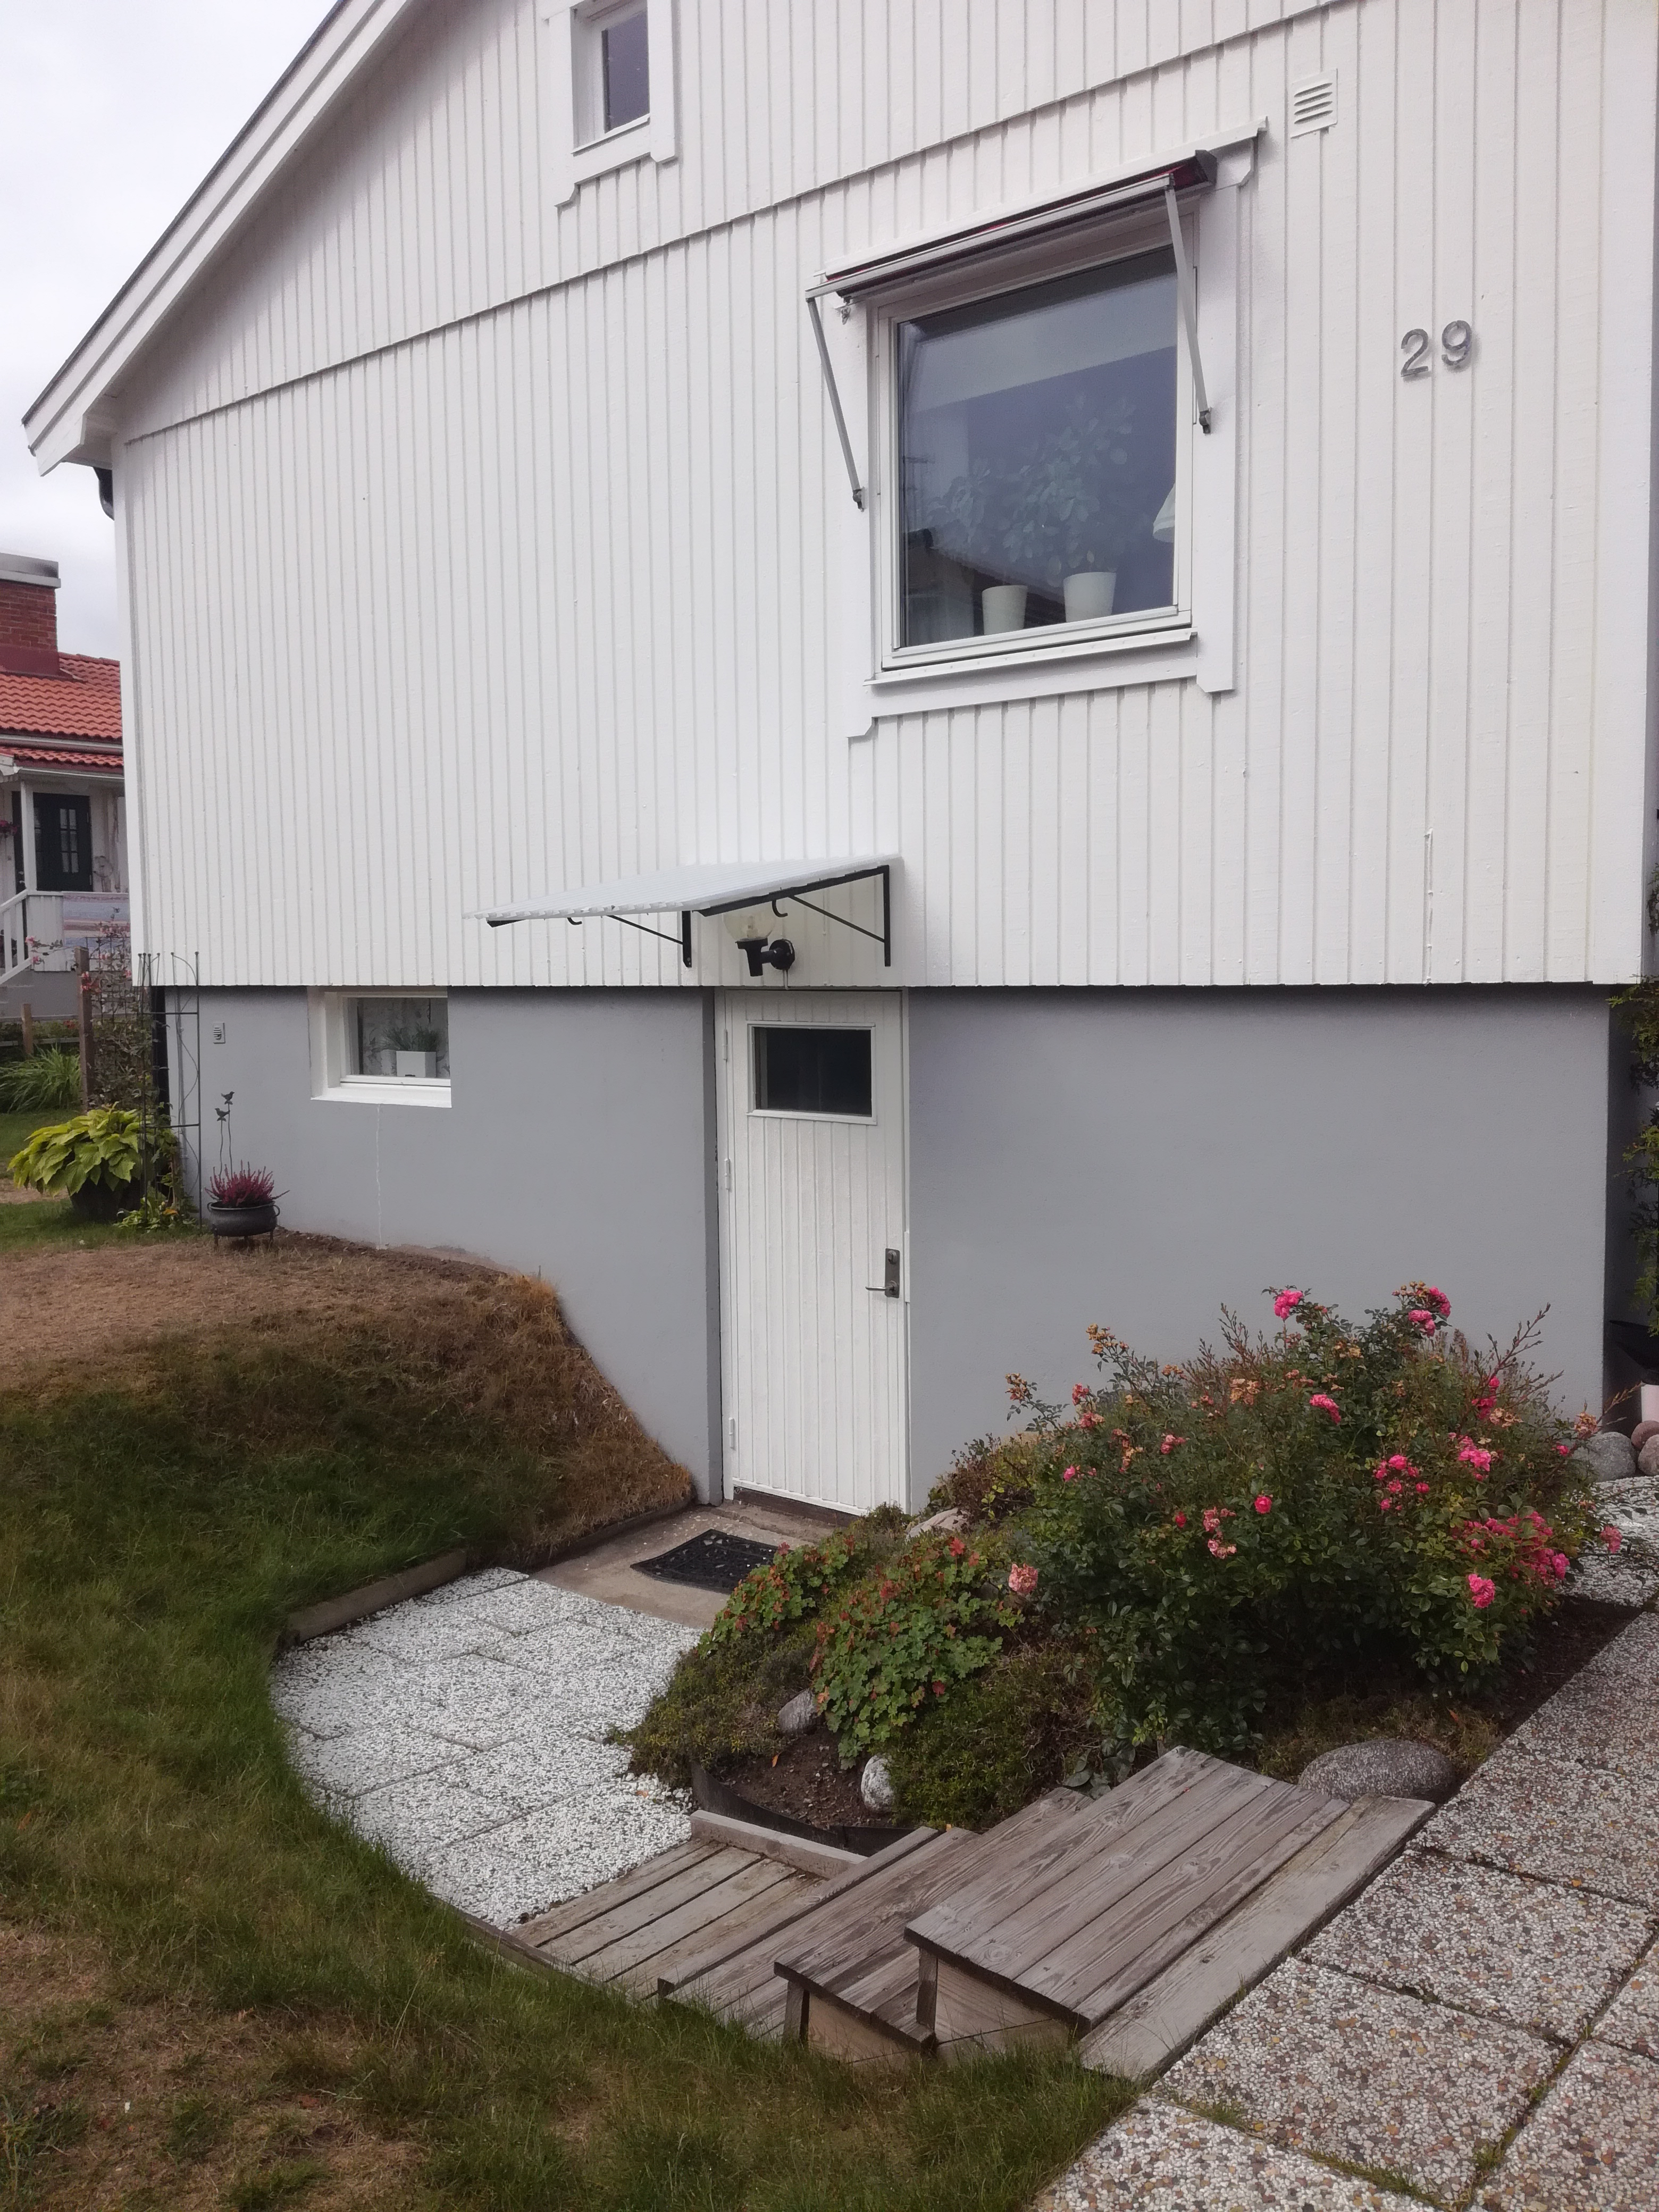 Lgenhet i villaomrde - Flats for Rent in Sundsta-Norrstrand